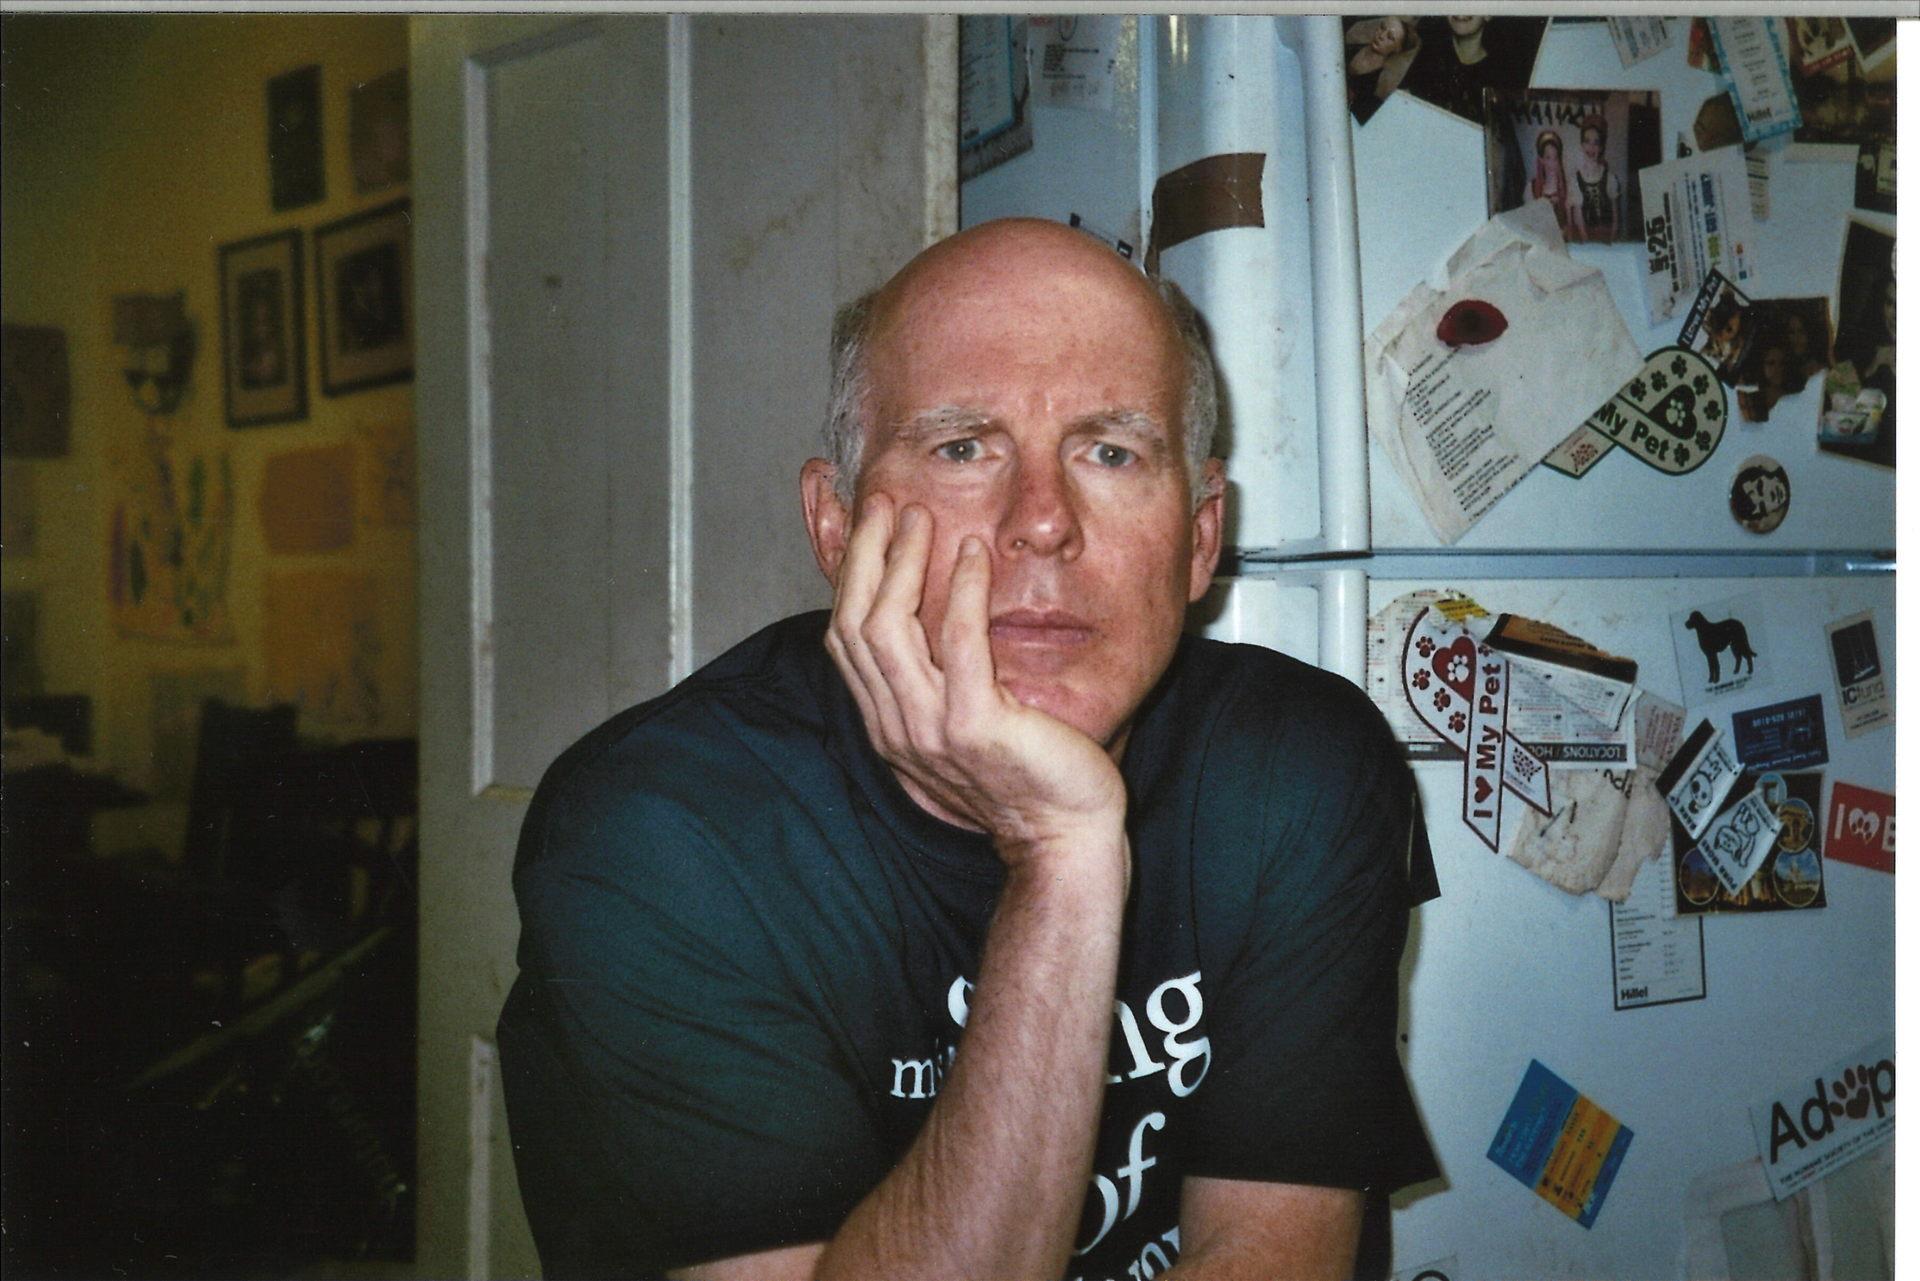 Charles Rammelkamp